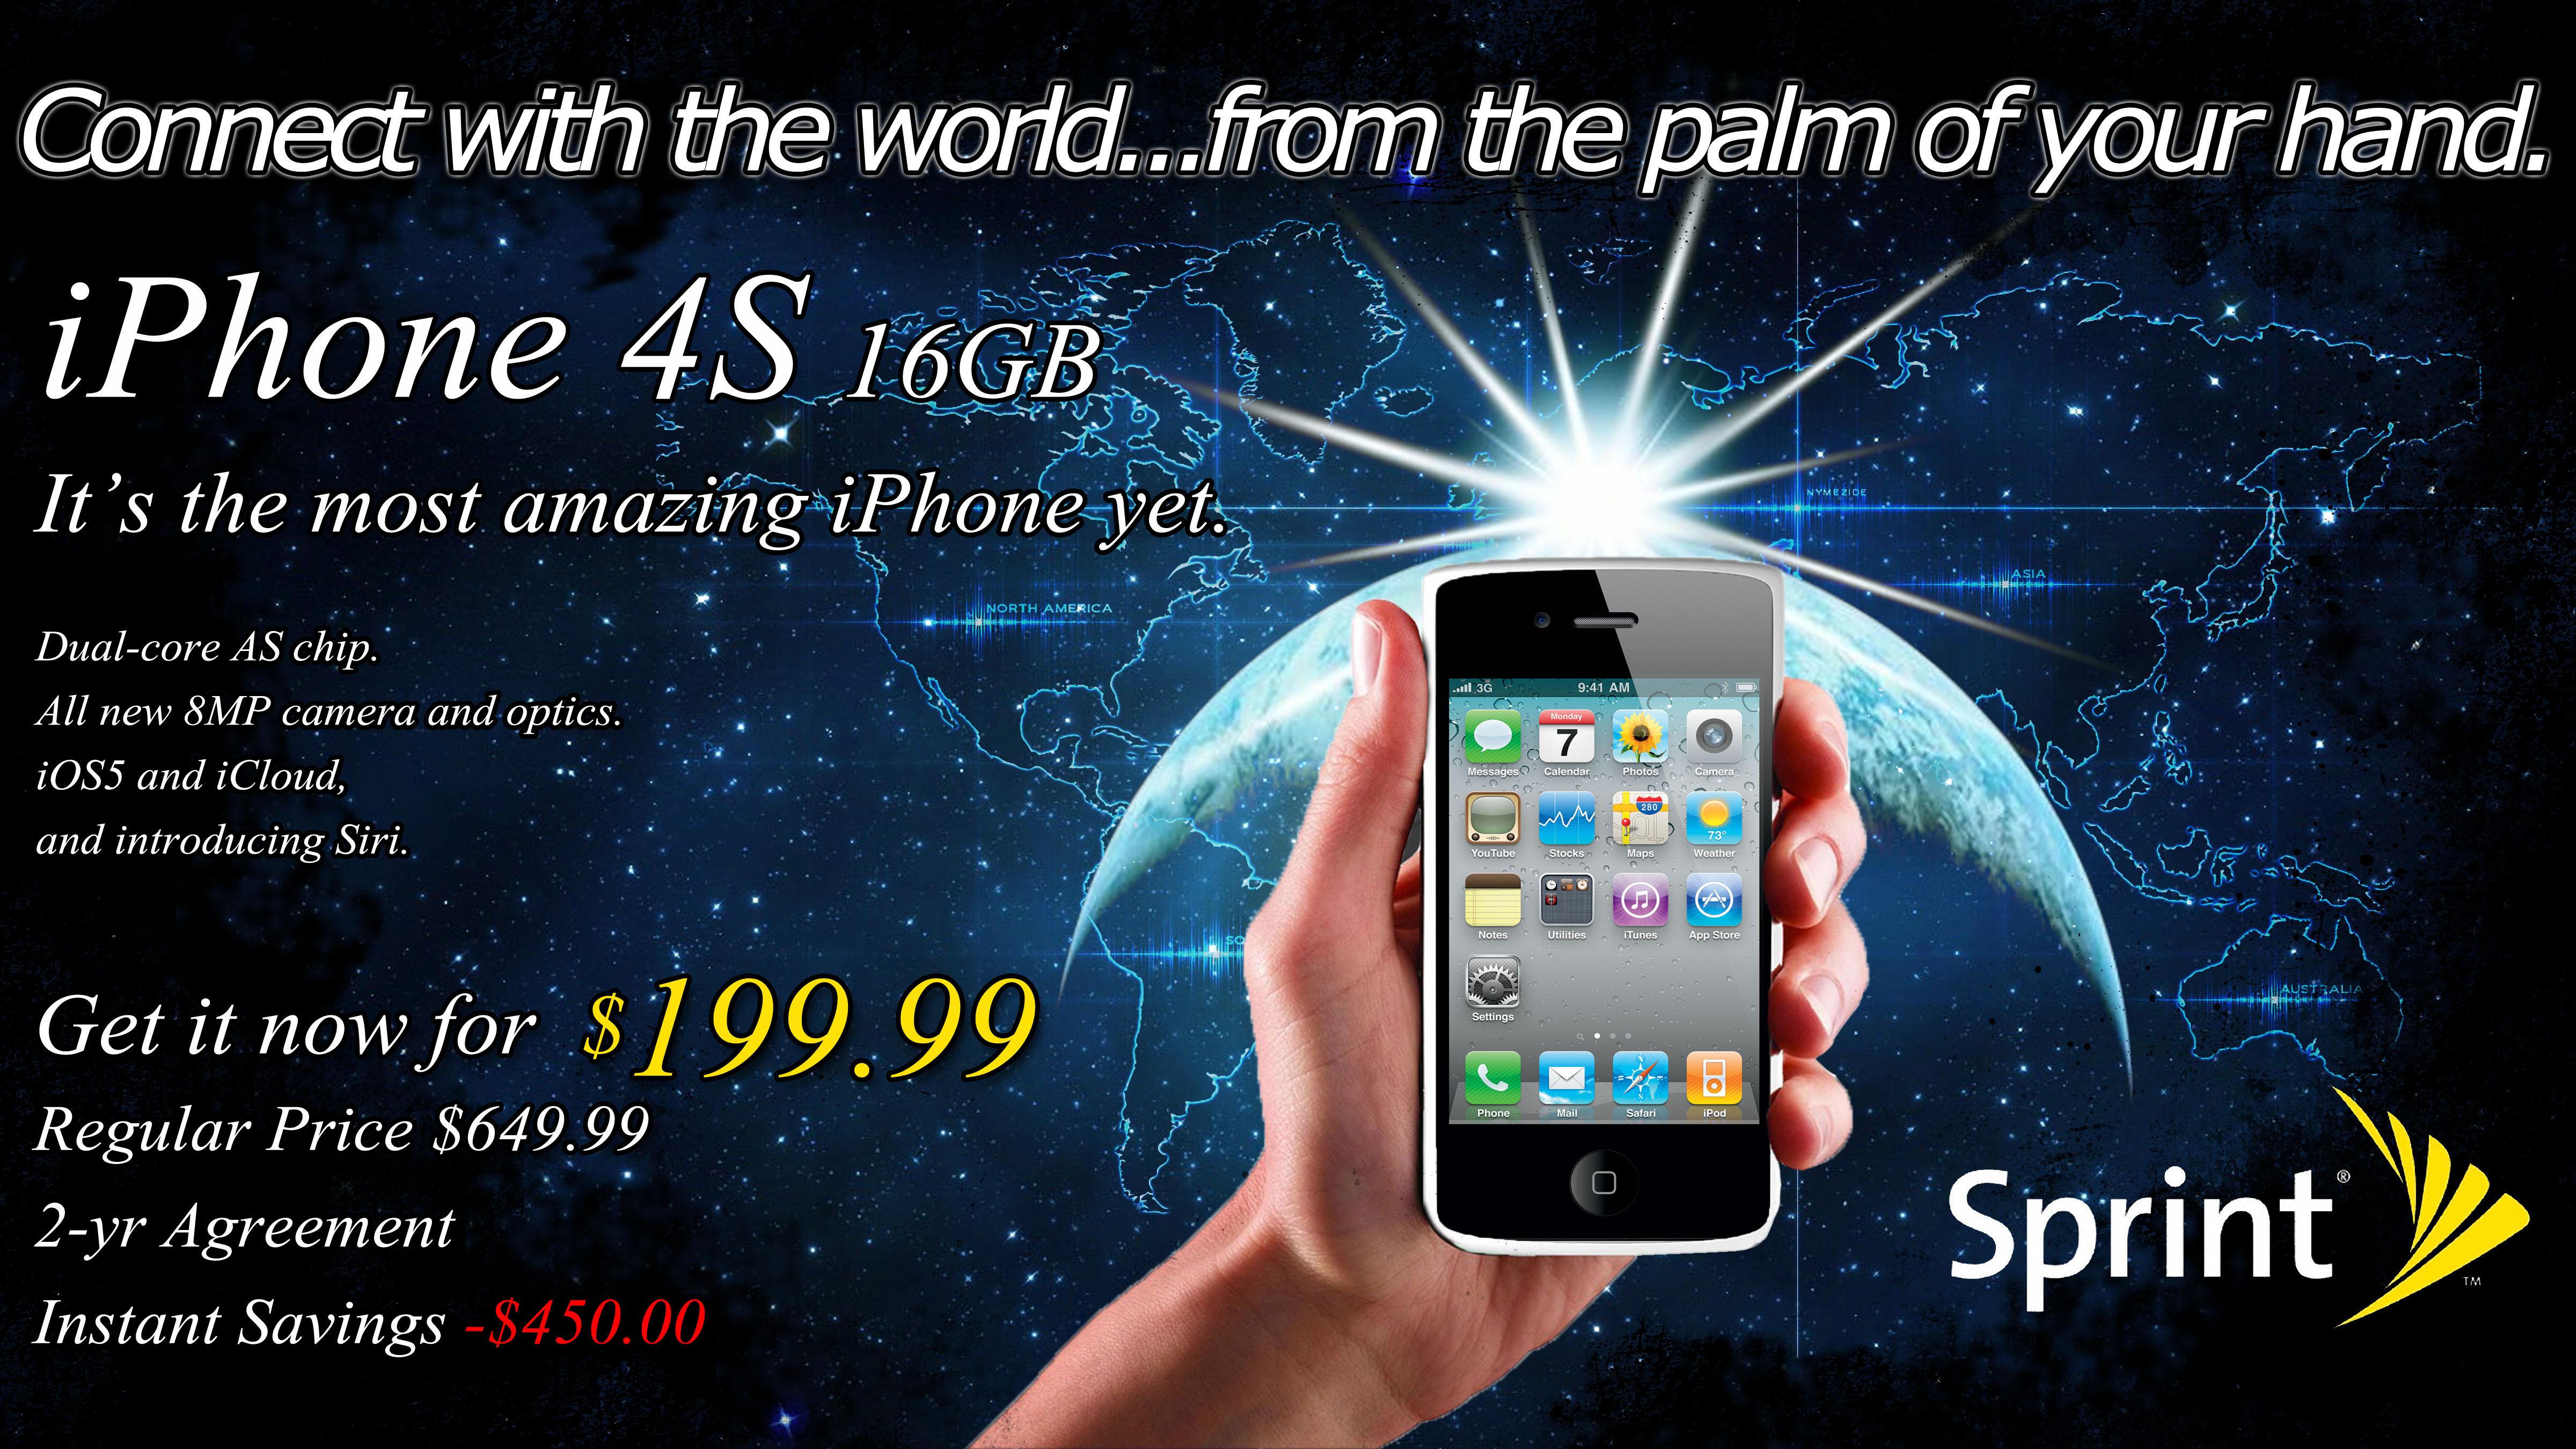 Sprint Iphone Advertisement Corey Van Zandt